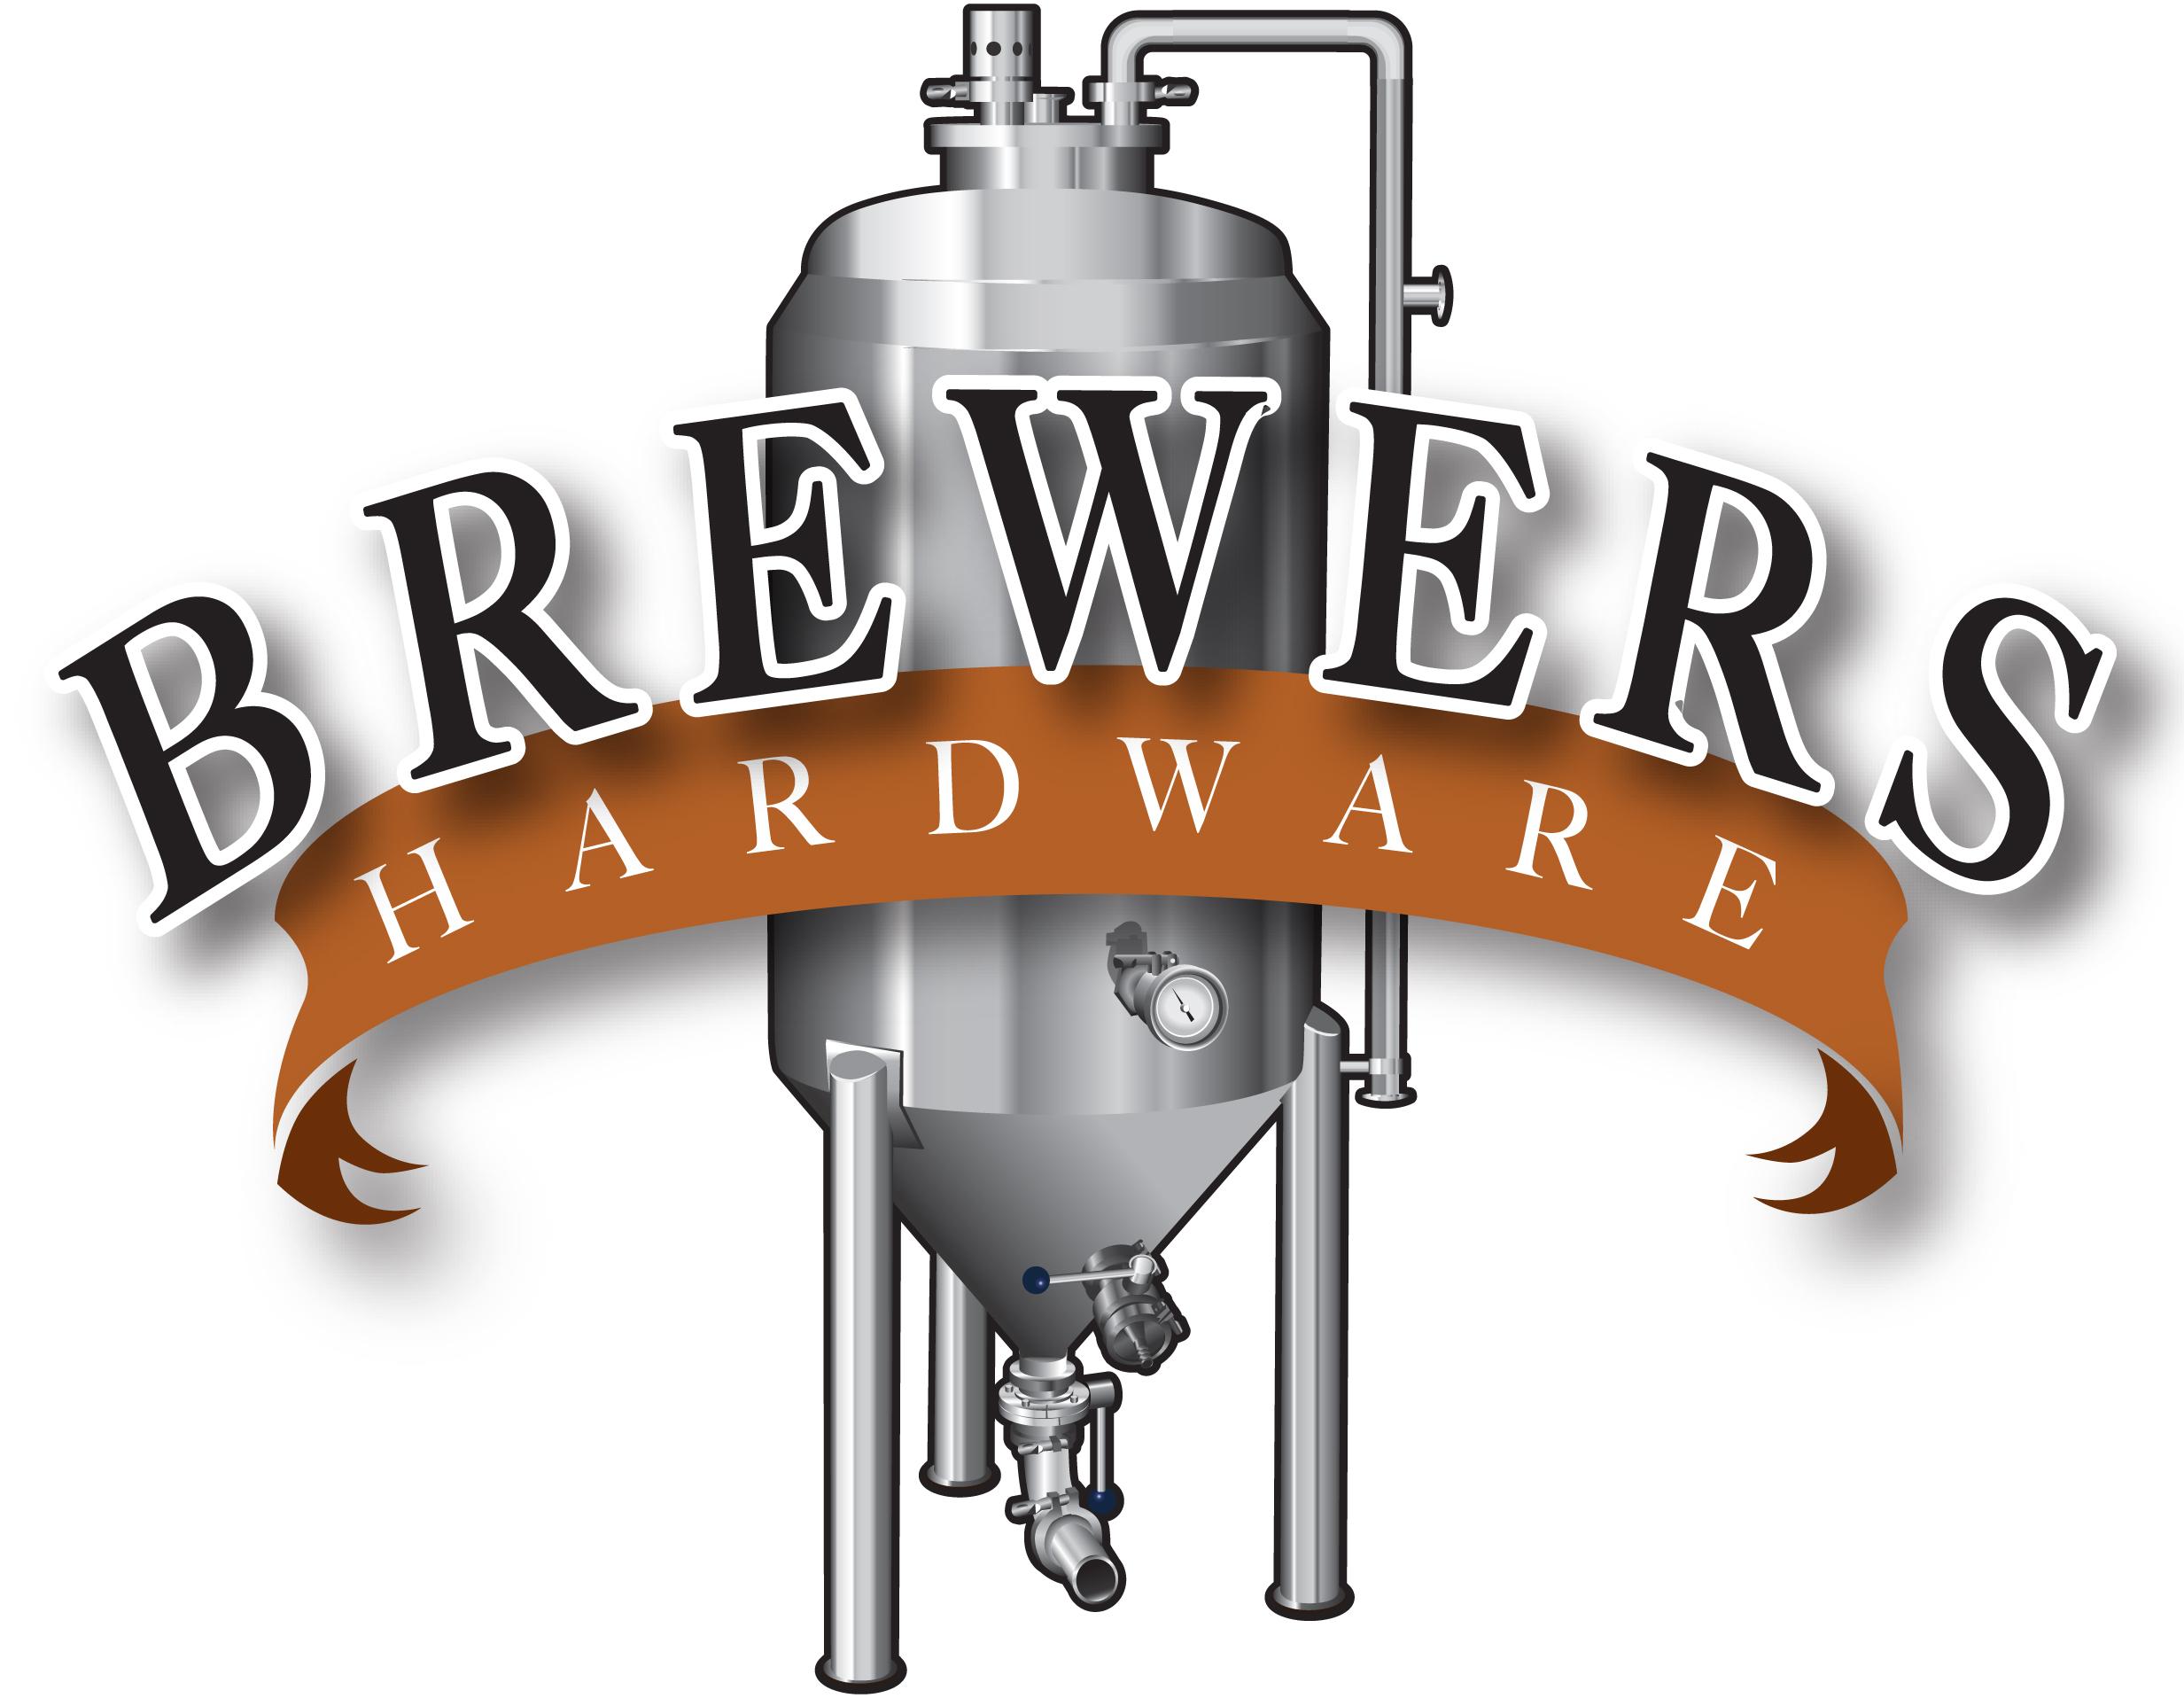 BrewersHardwareLogo (1)